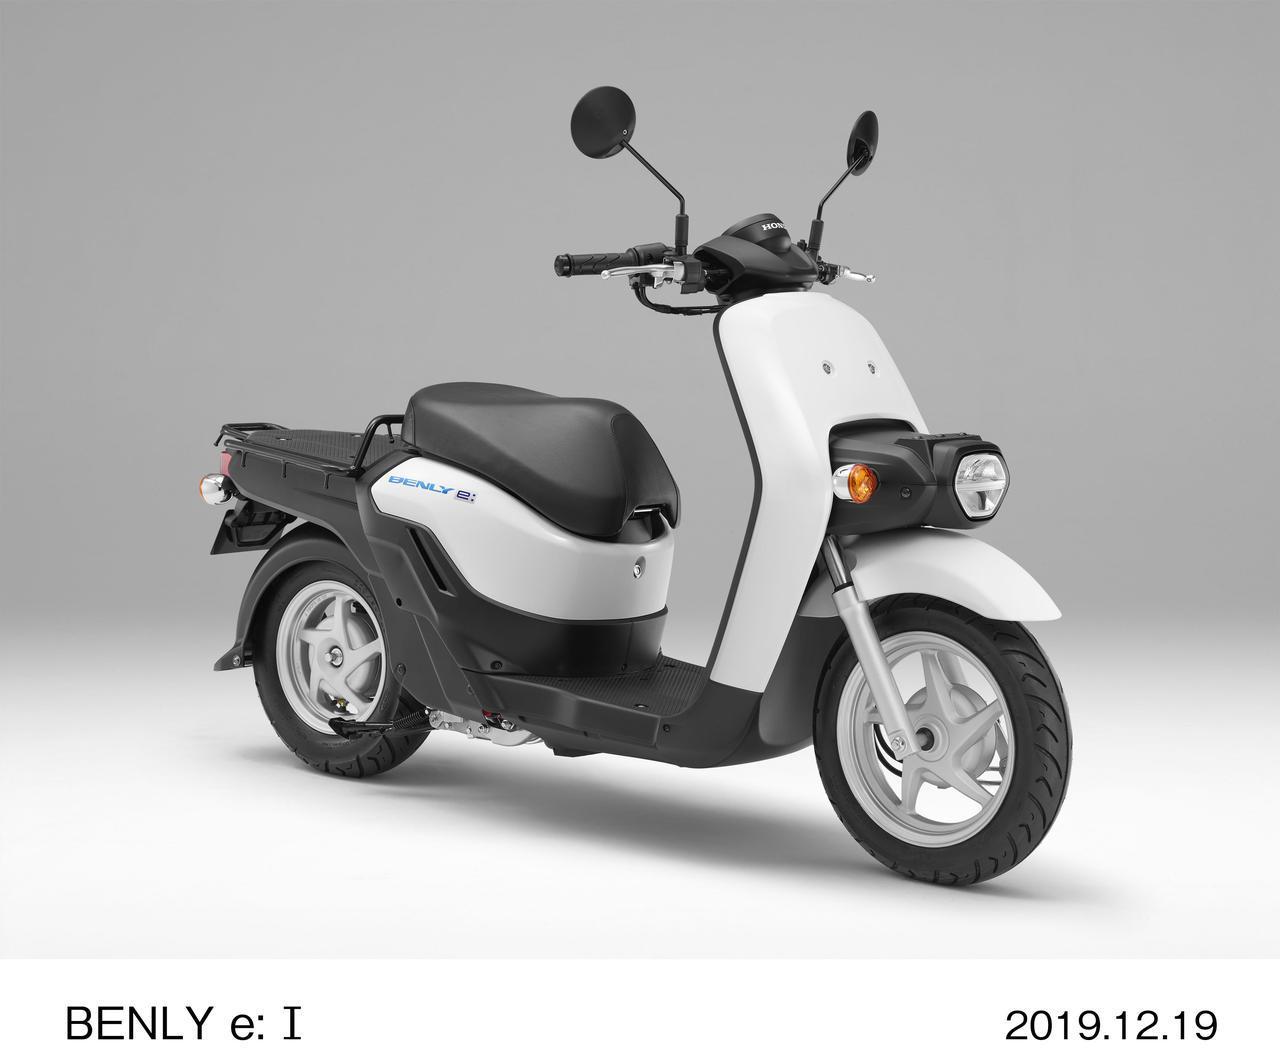 画像1: 【ホンダ】電動バイク「BENLY e:」シリーズの価格が決定! 原付二種相当の「BENLY e: Ⅱ」や〈プロ〉仕様車も同時発表